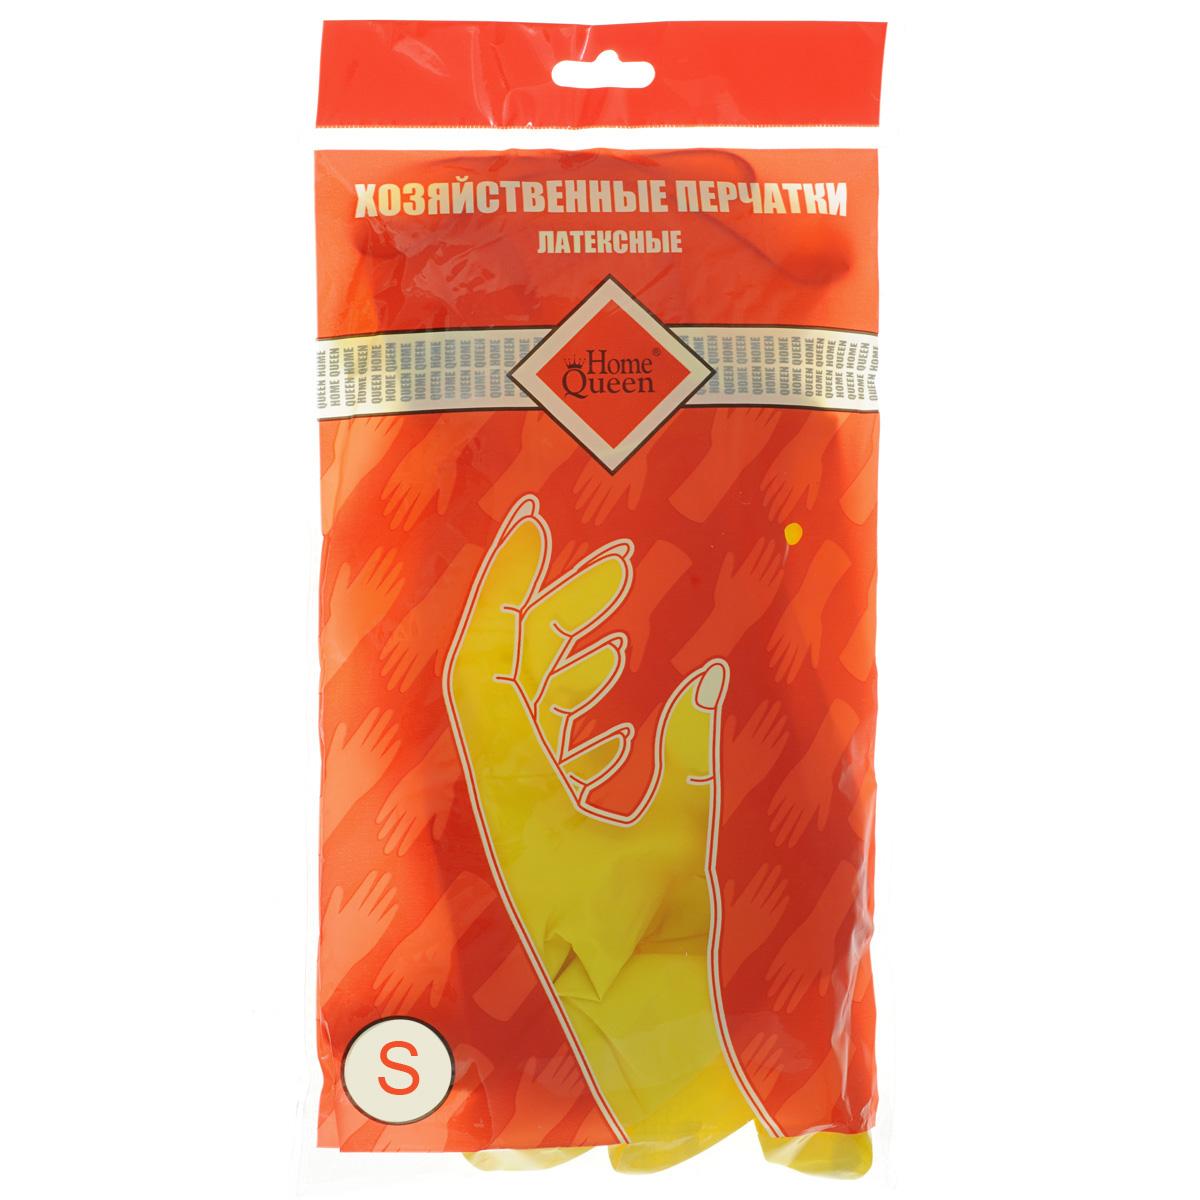 Перчатки латексные Home Queen. Размер S48SПерчатки Home Queen защитят ваши руки от воздействия бытовой химии и грязи. Подойдут для всех видов хозяйственных работ. Выполнены из латекса.